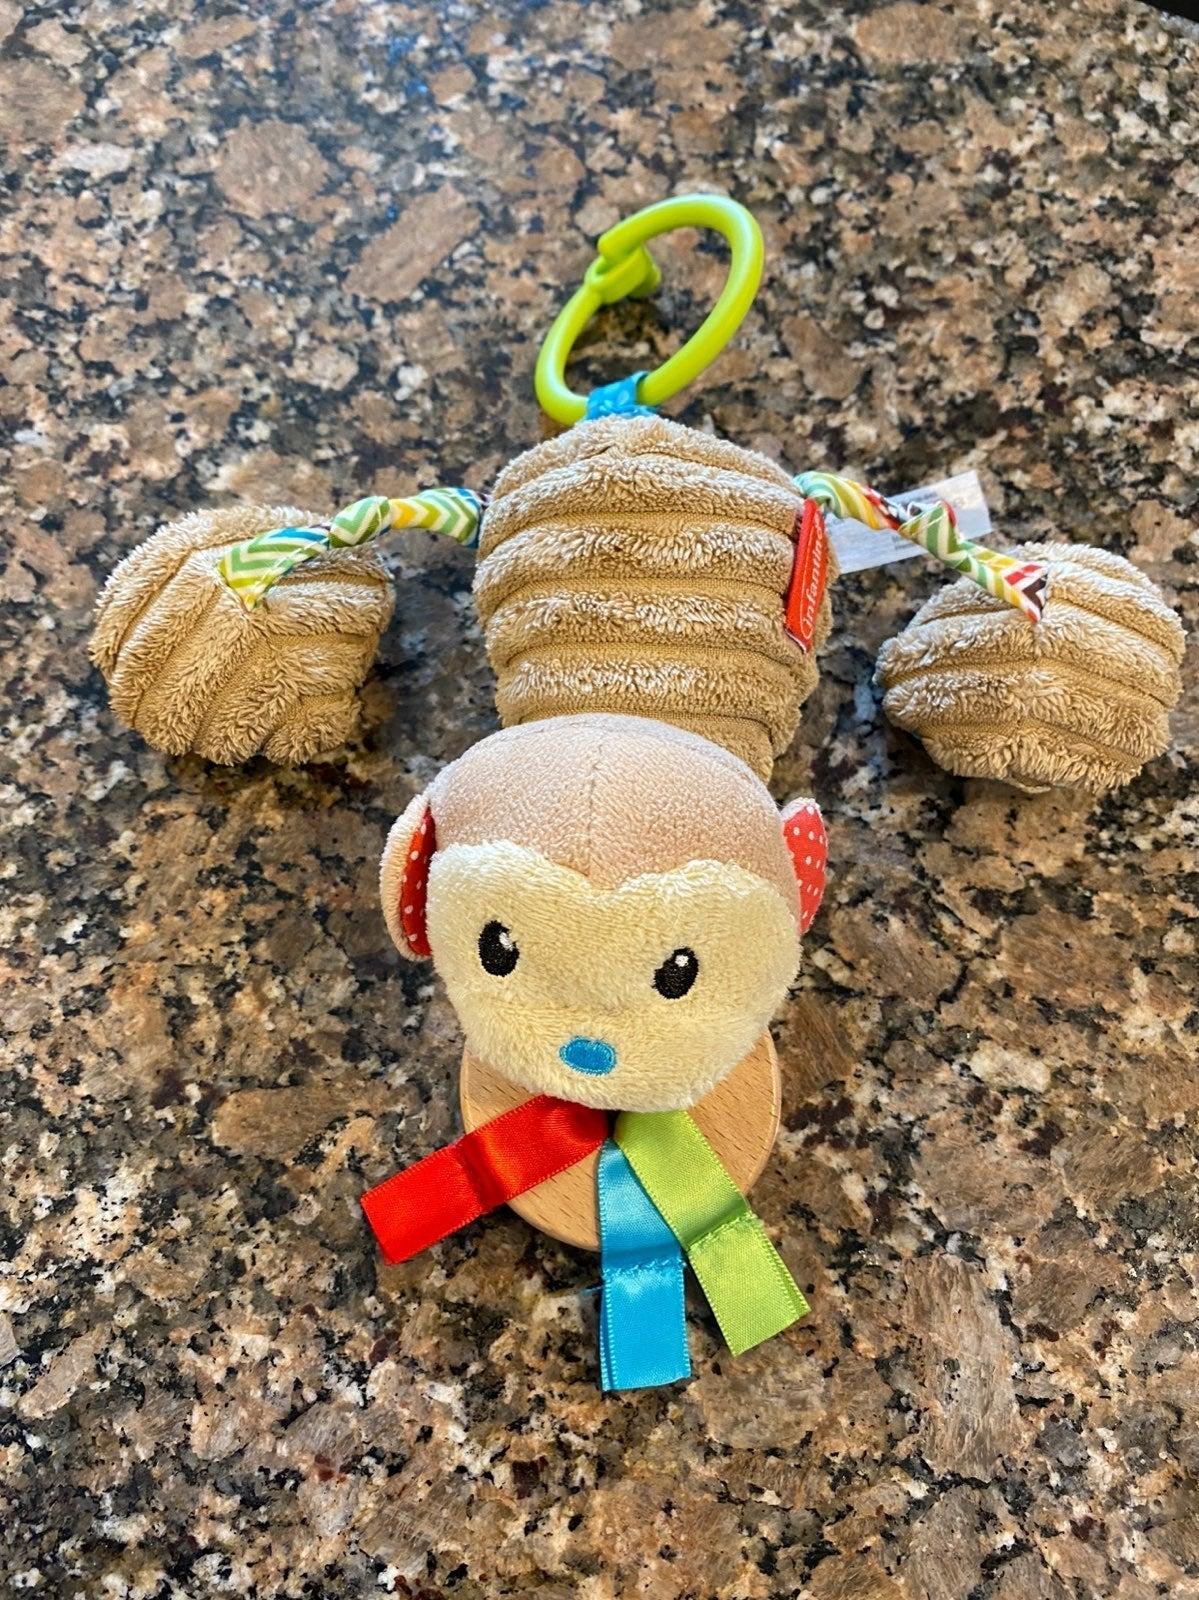 infantino monkey and kellytoy elephant